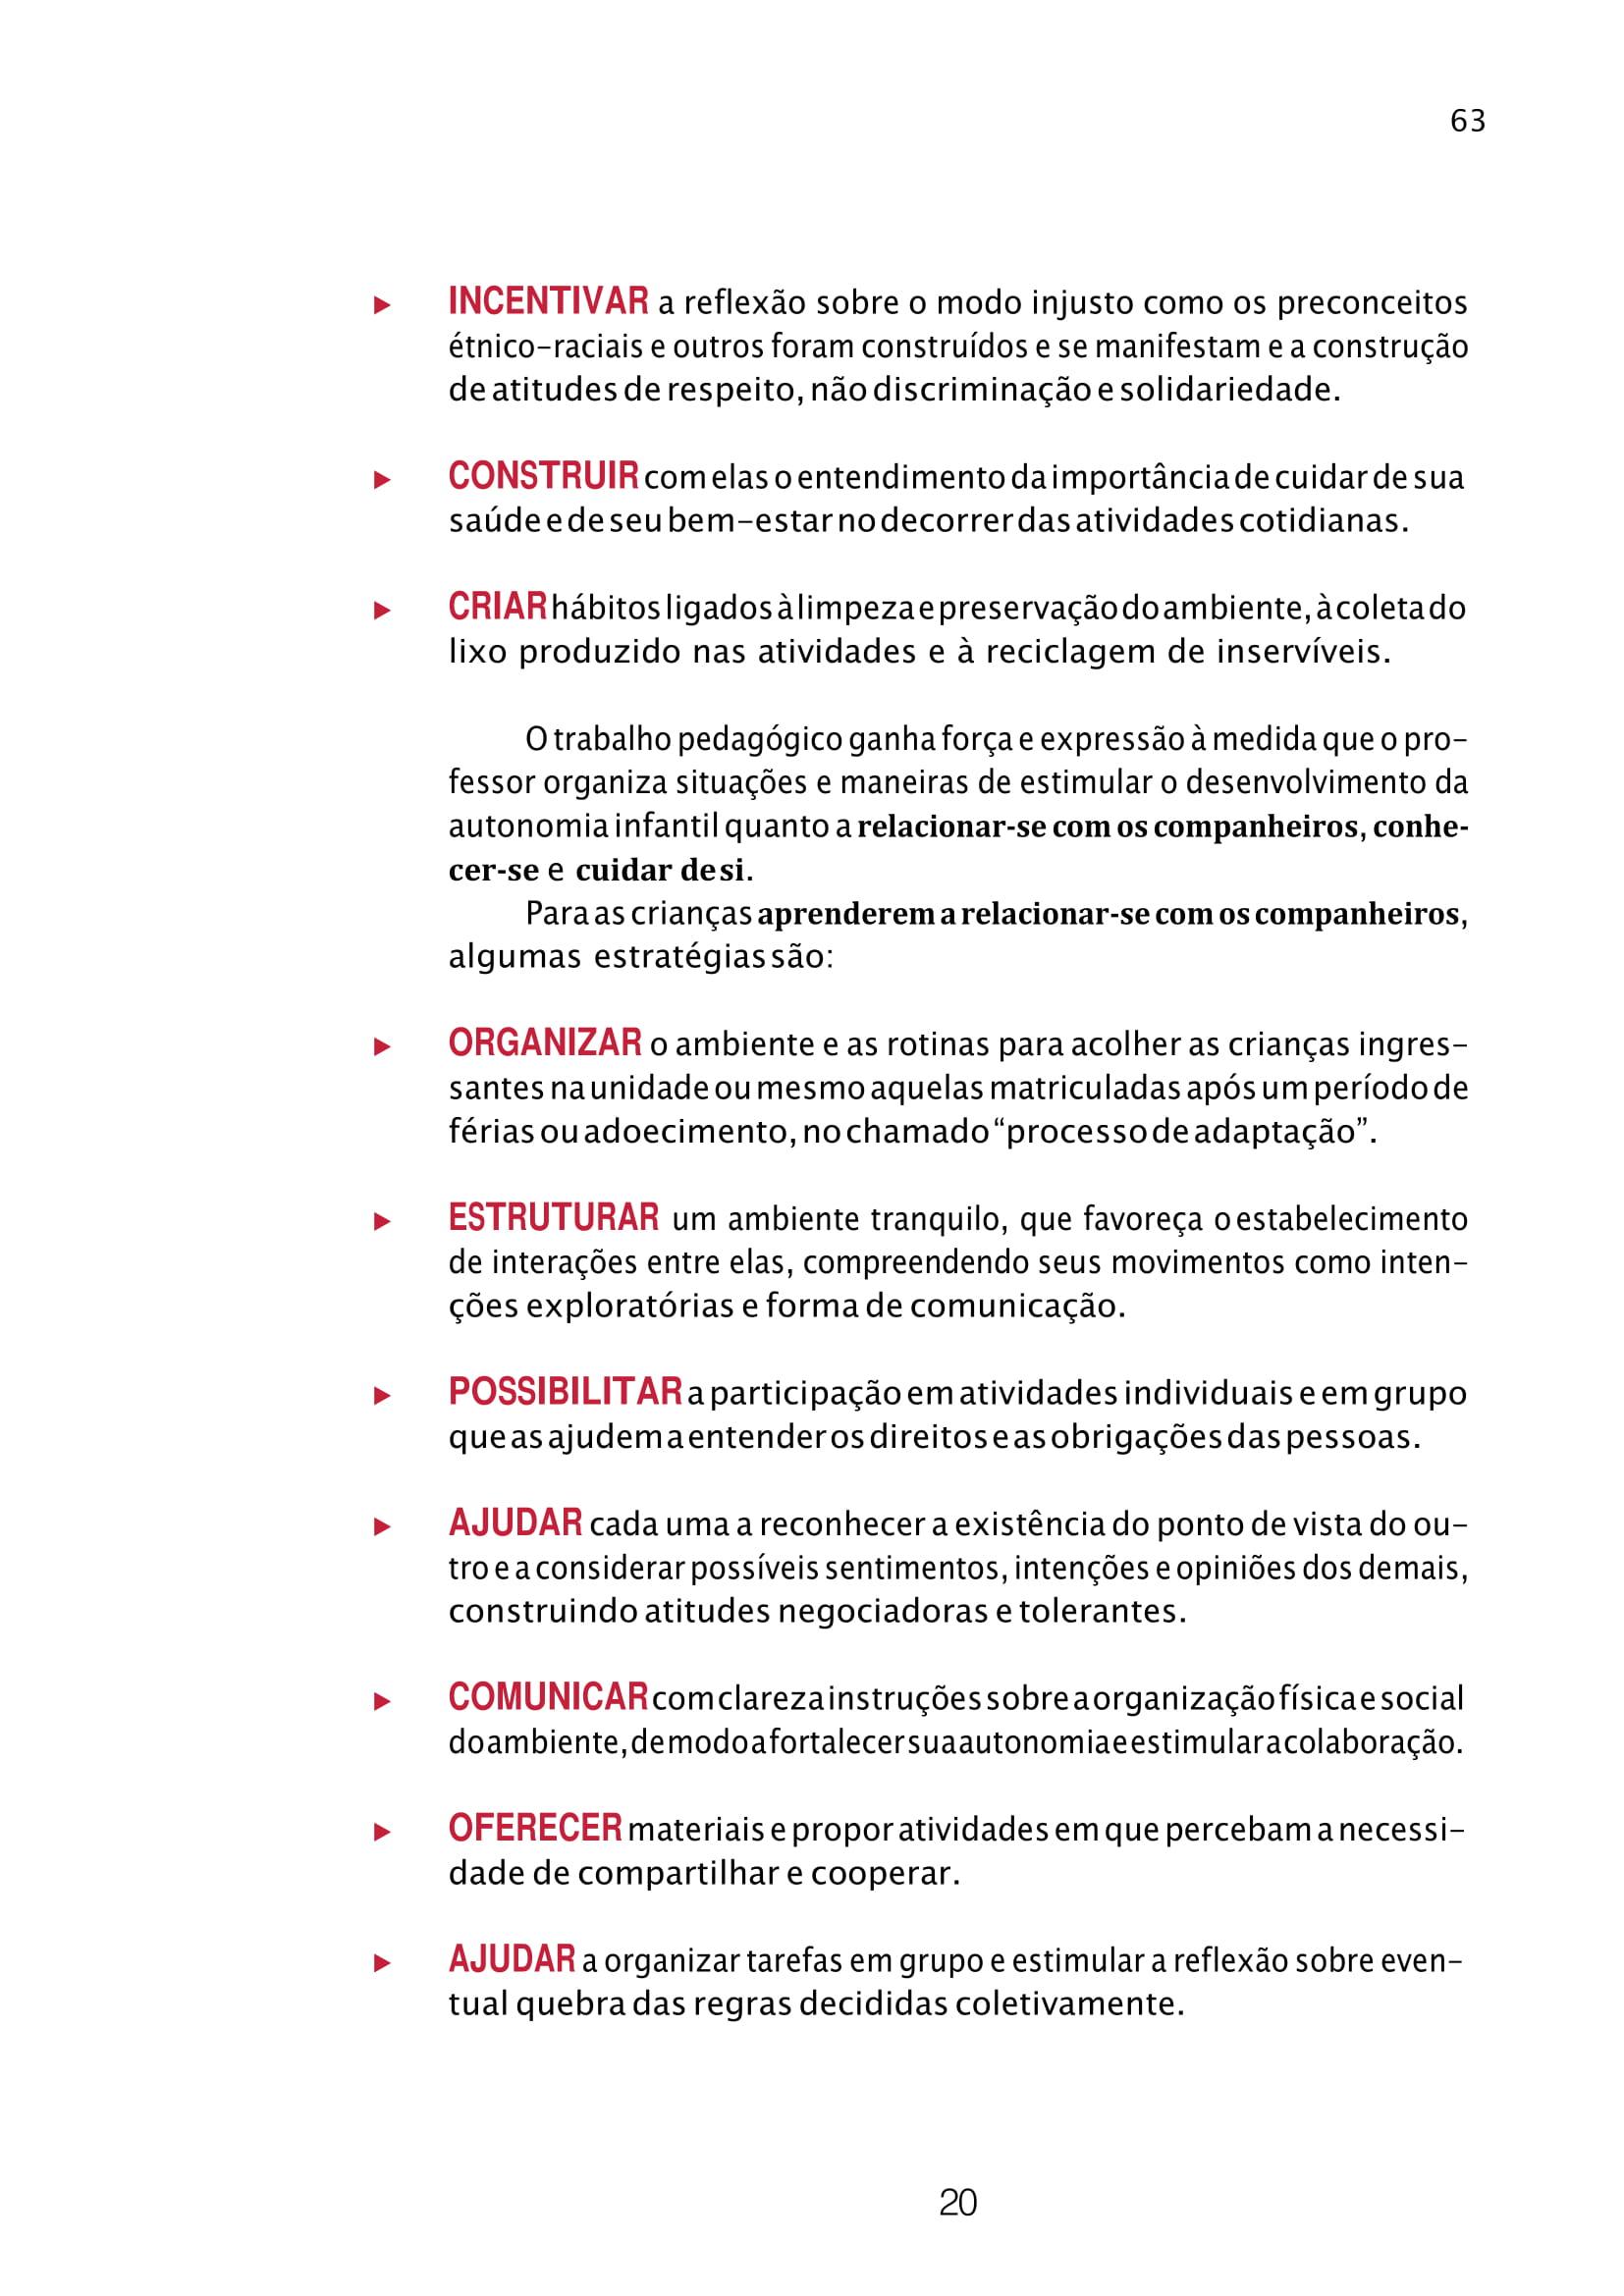 planejamento-educação-infantil-bncc-geral-93